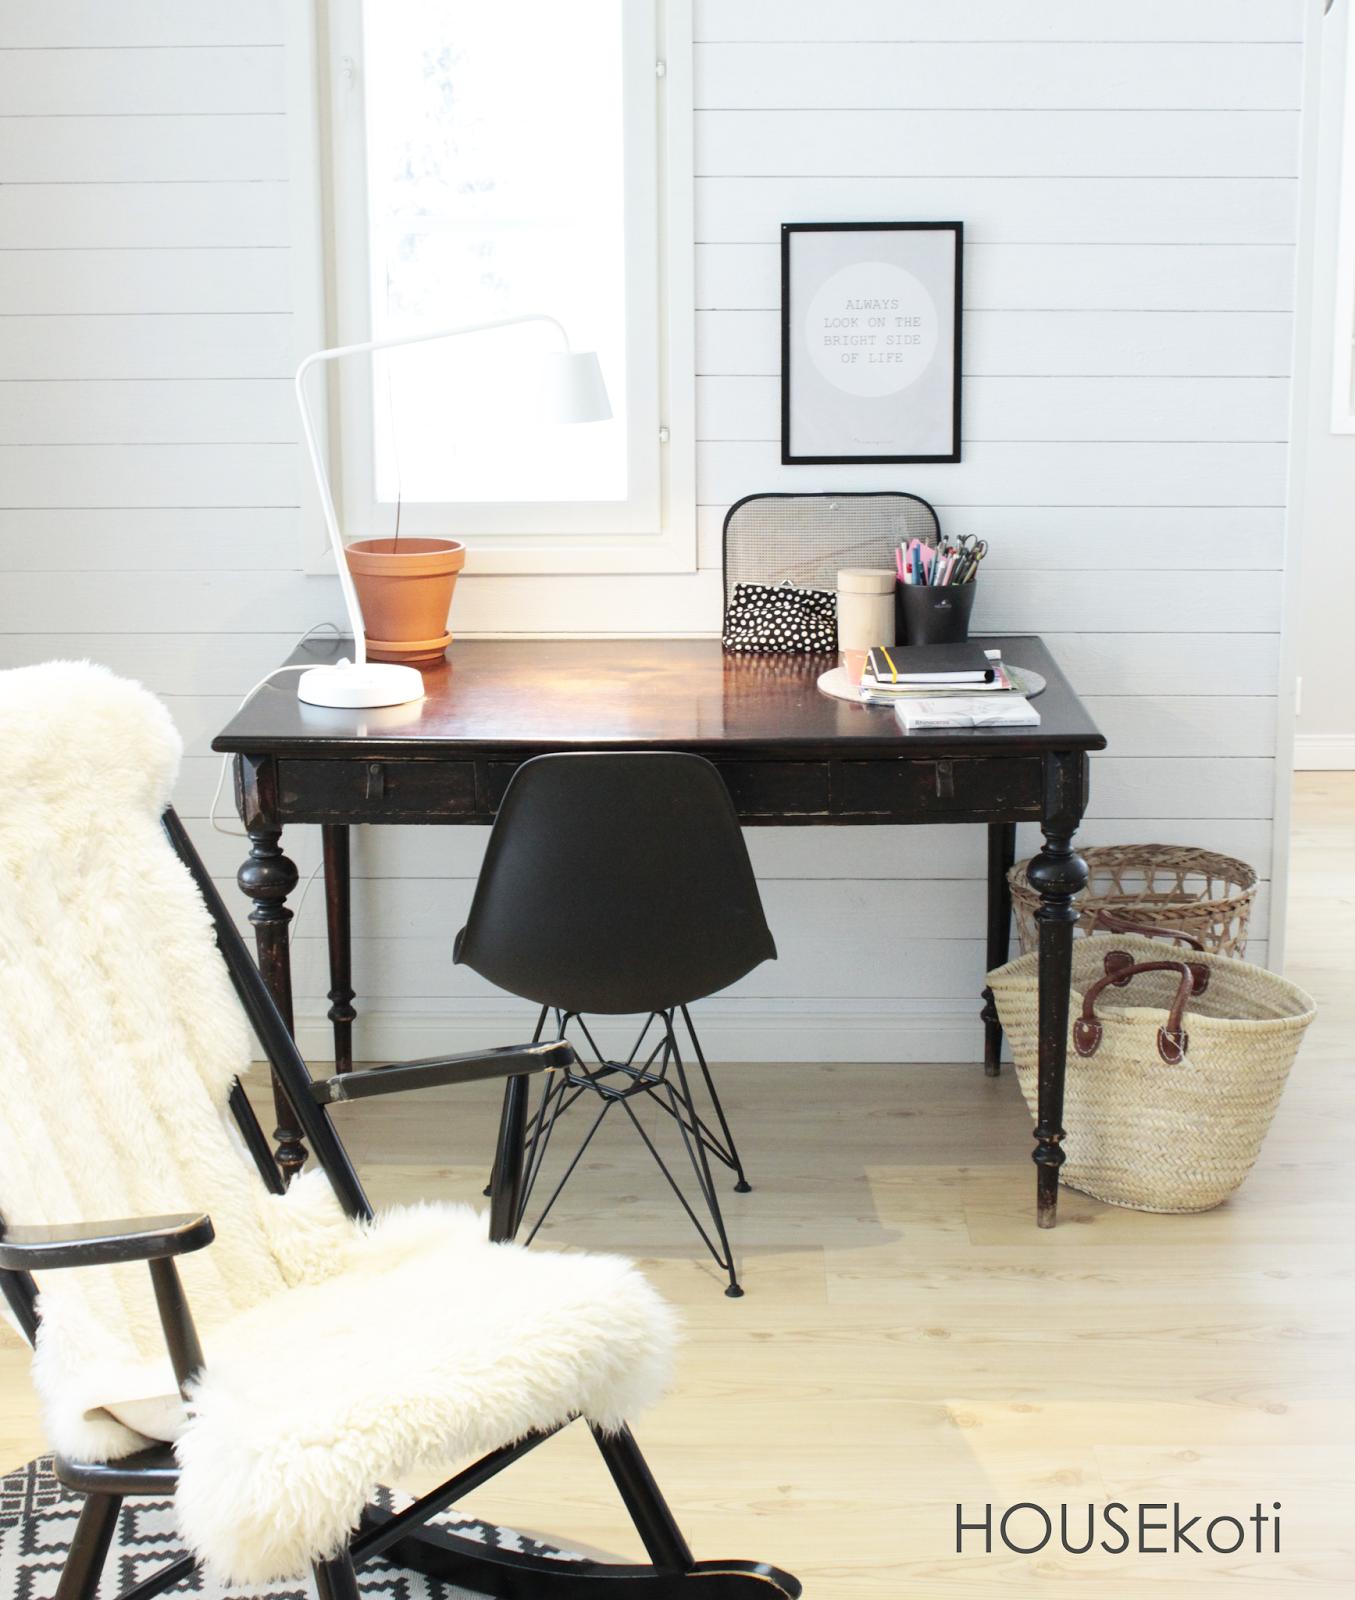 designhouseliving HOUSEkoti: Nahkavetimet (diy) vanhaan työpöytään | 5.1.2016